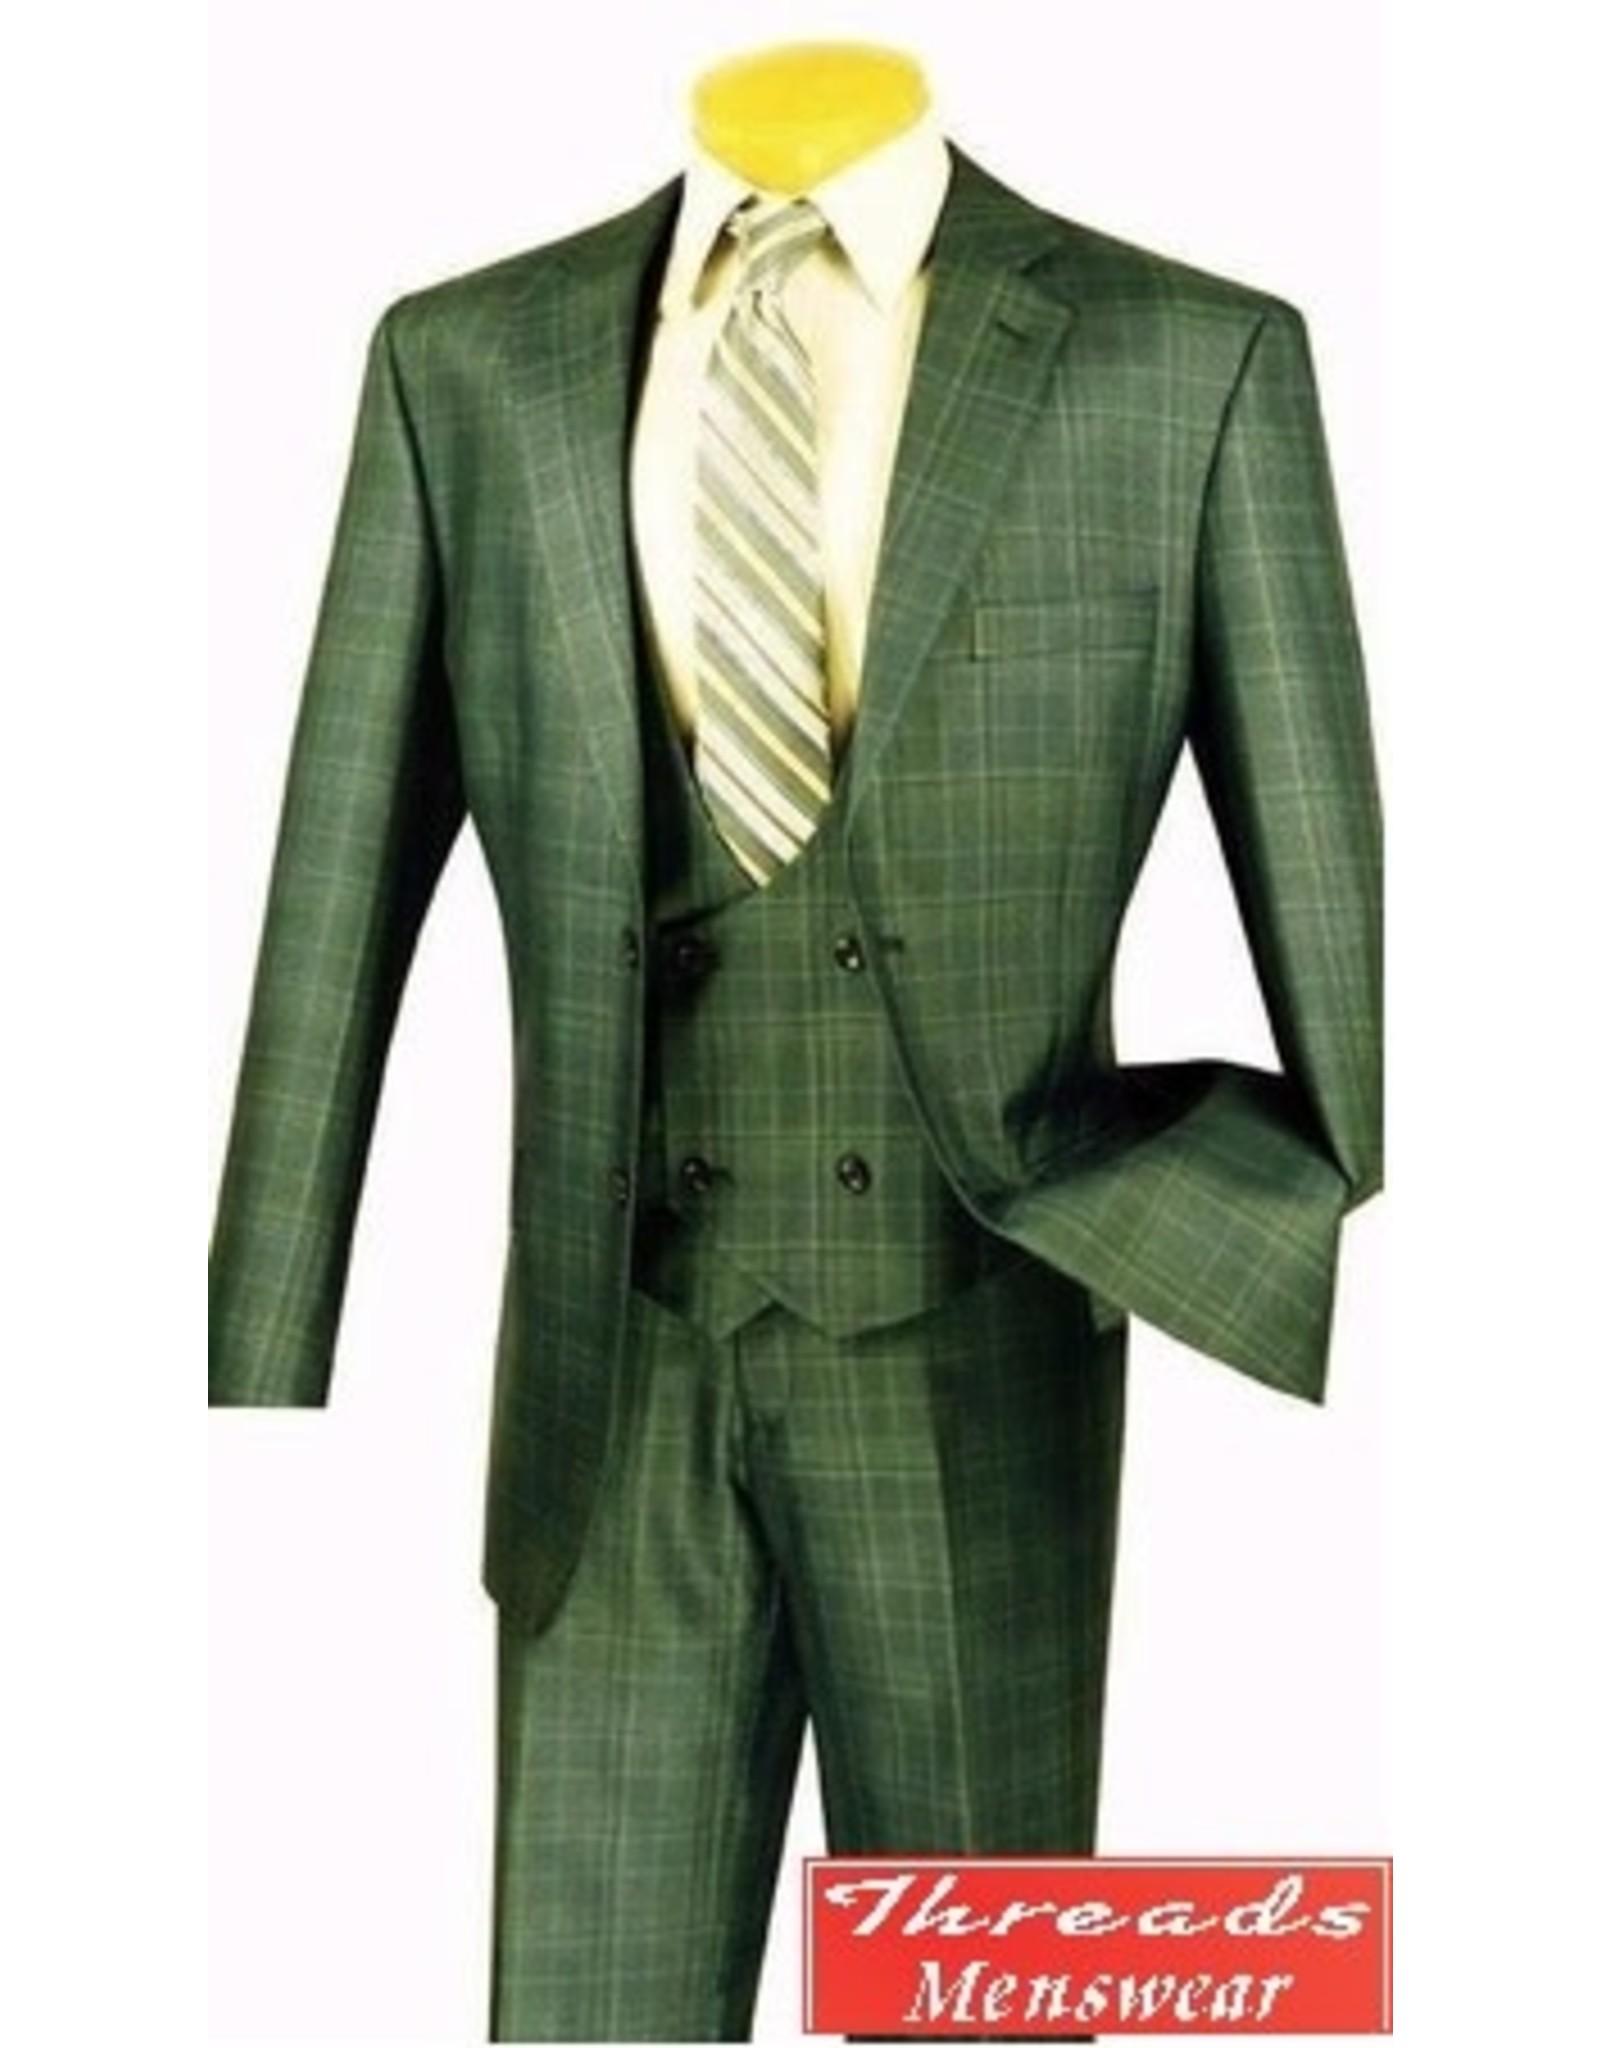 Vinci Vinci Vested Suit - V2RW7 Olive